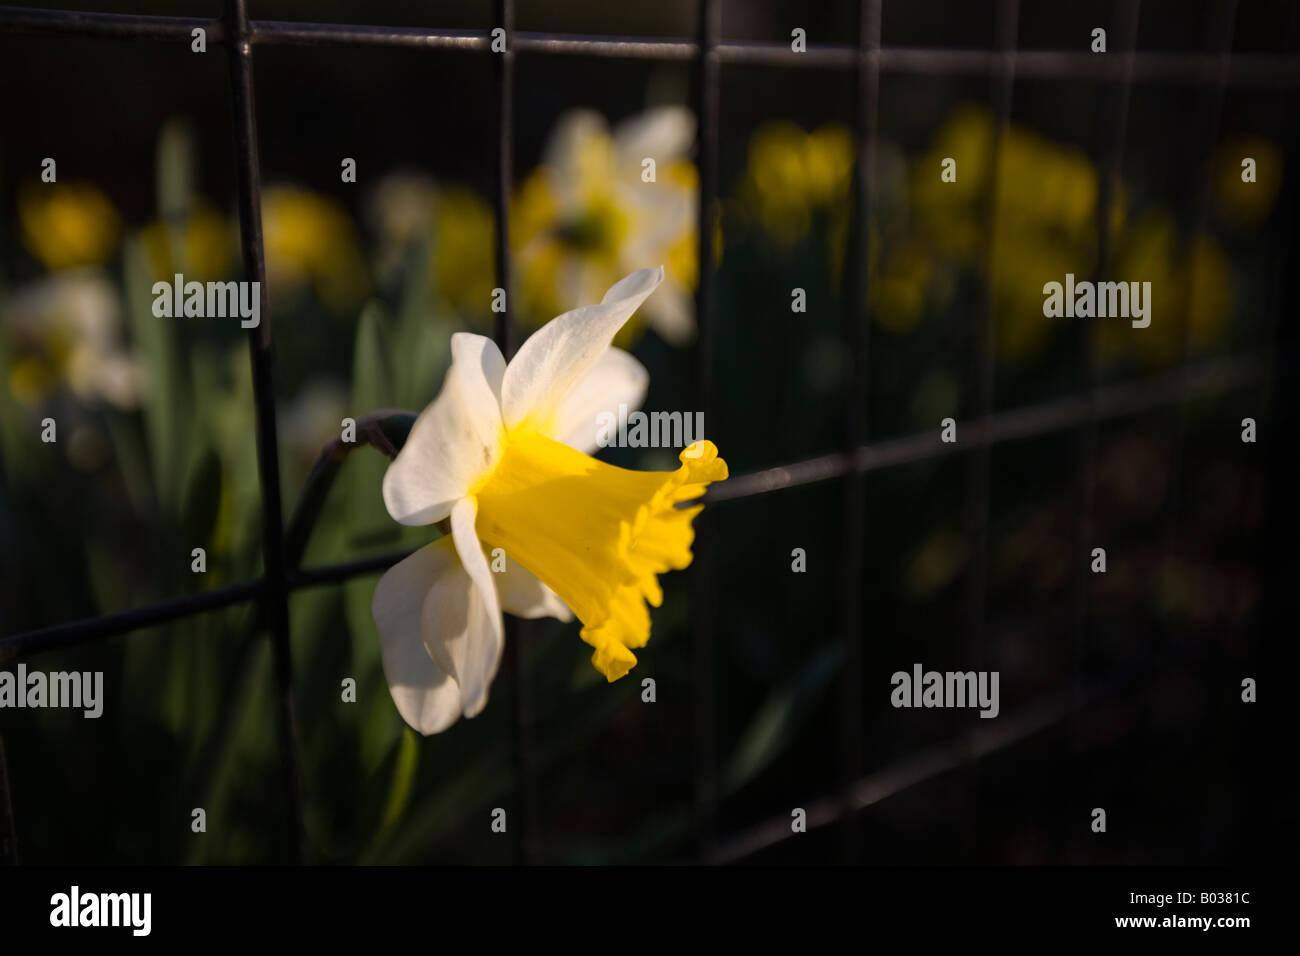 Jonquille fleur sortir de derrière la clôture Photo Stock